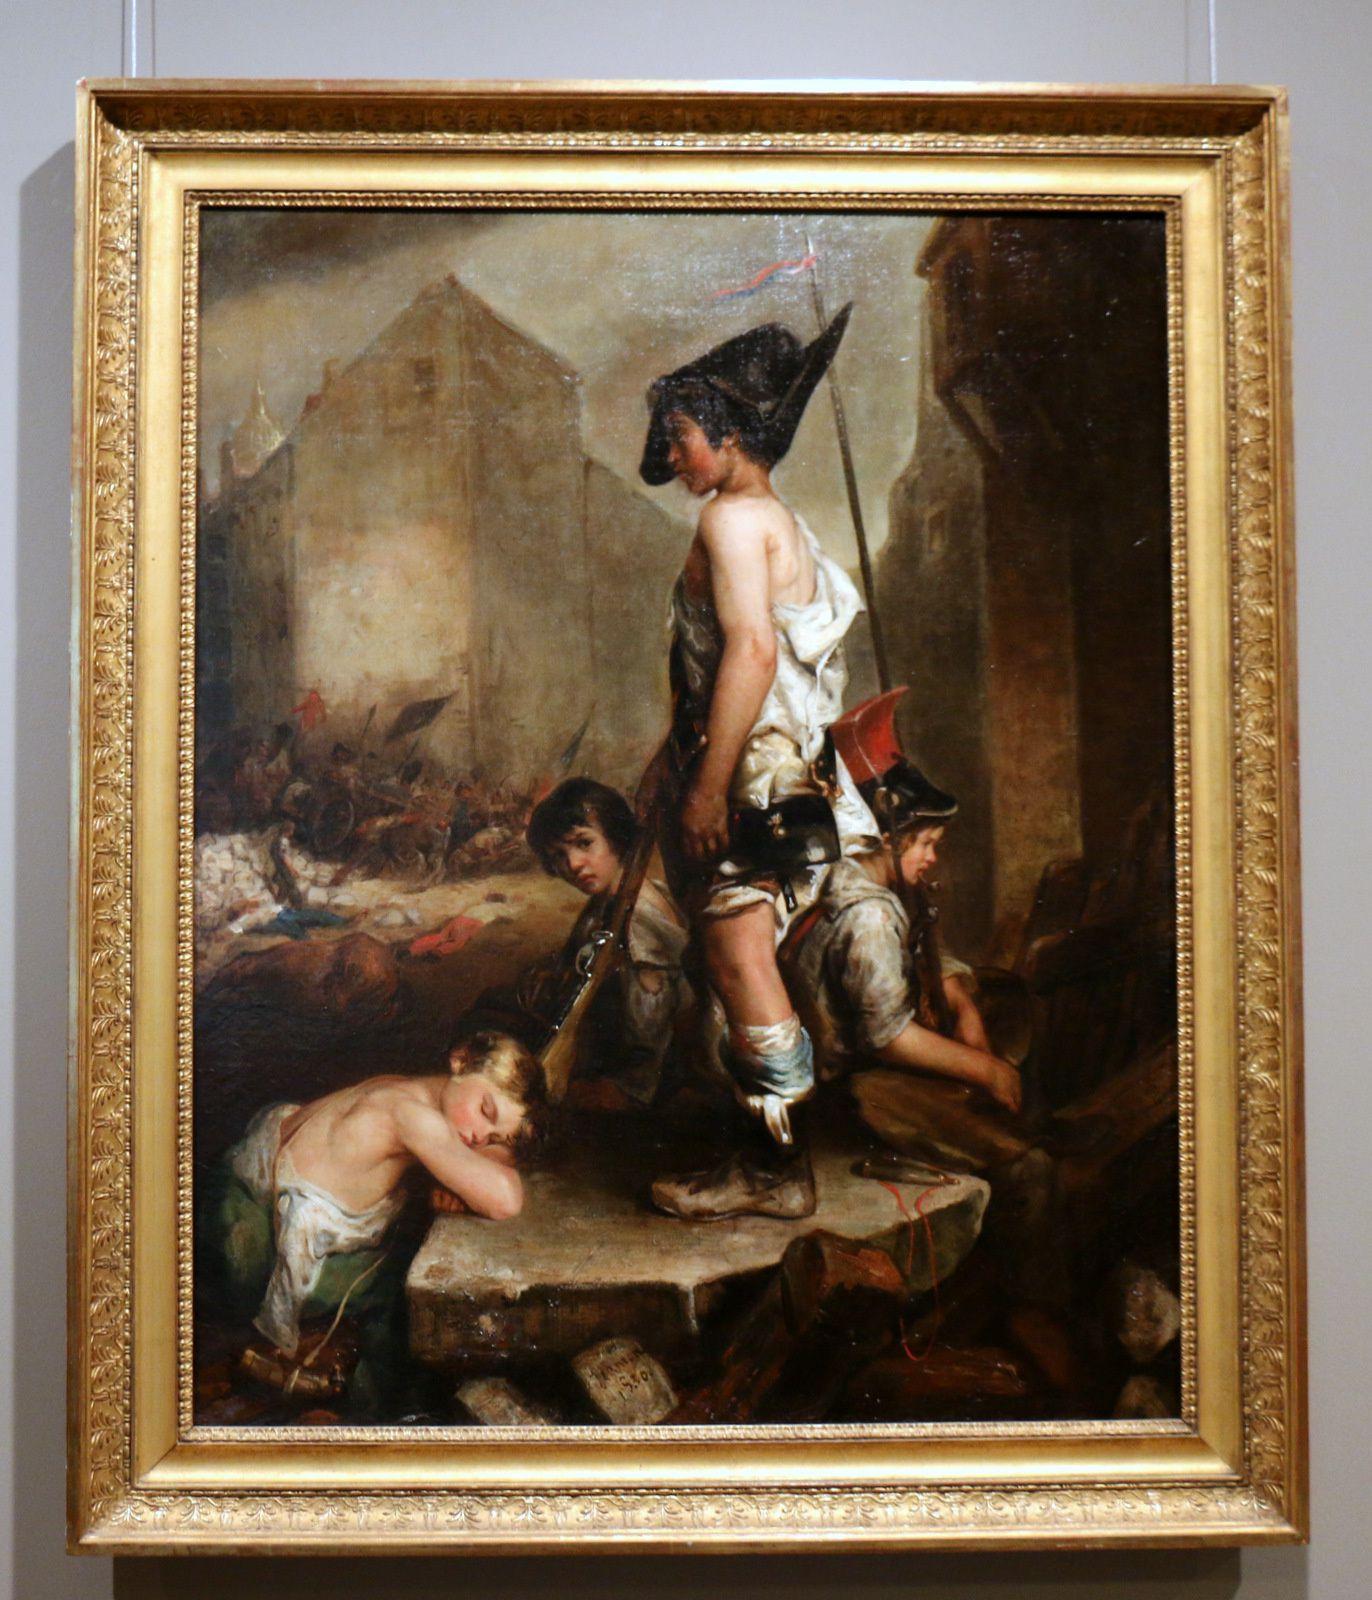 Les petits patriotes, huile sur toile de Philippe-Auguste Jeanron